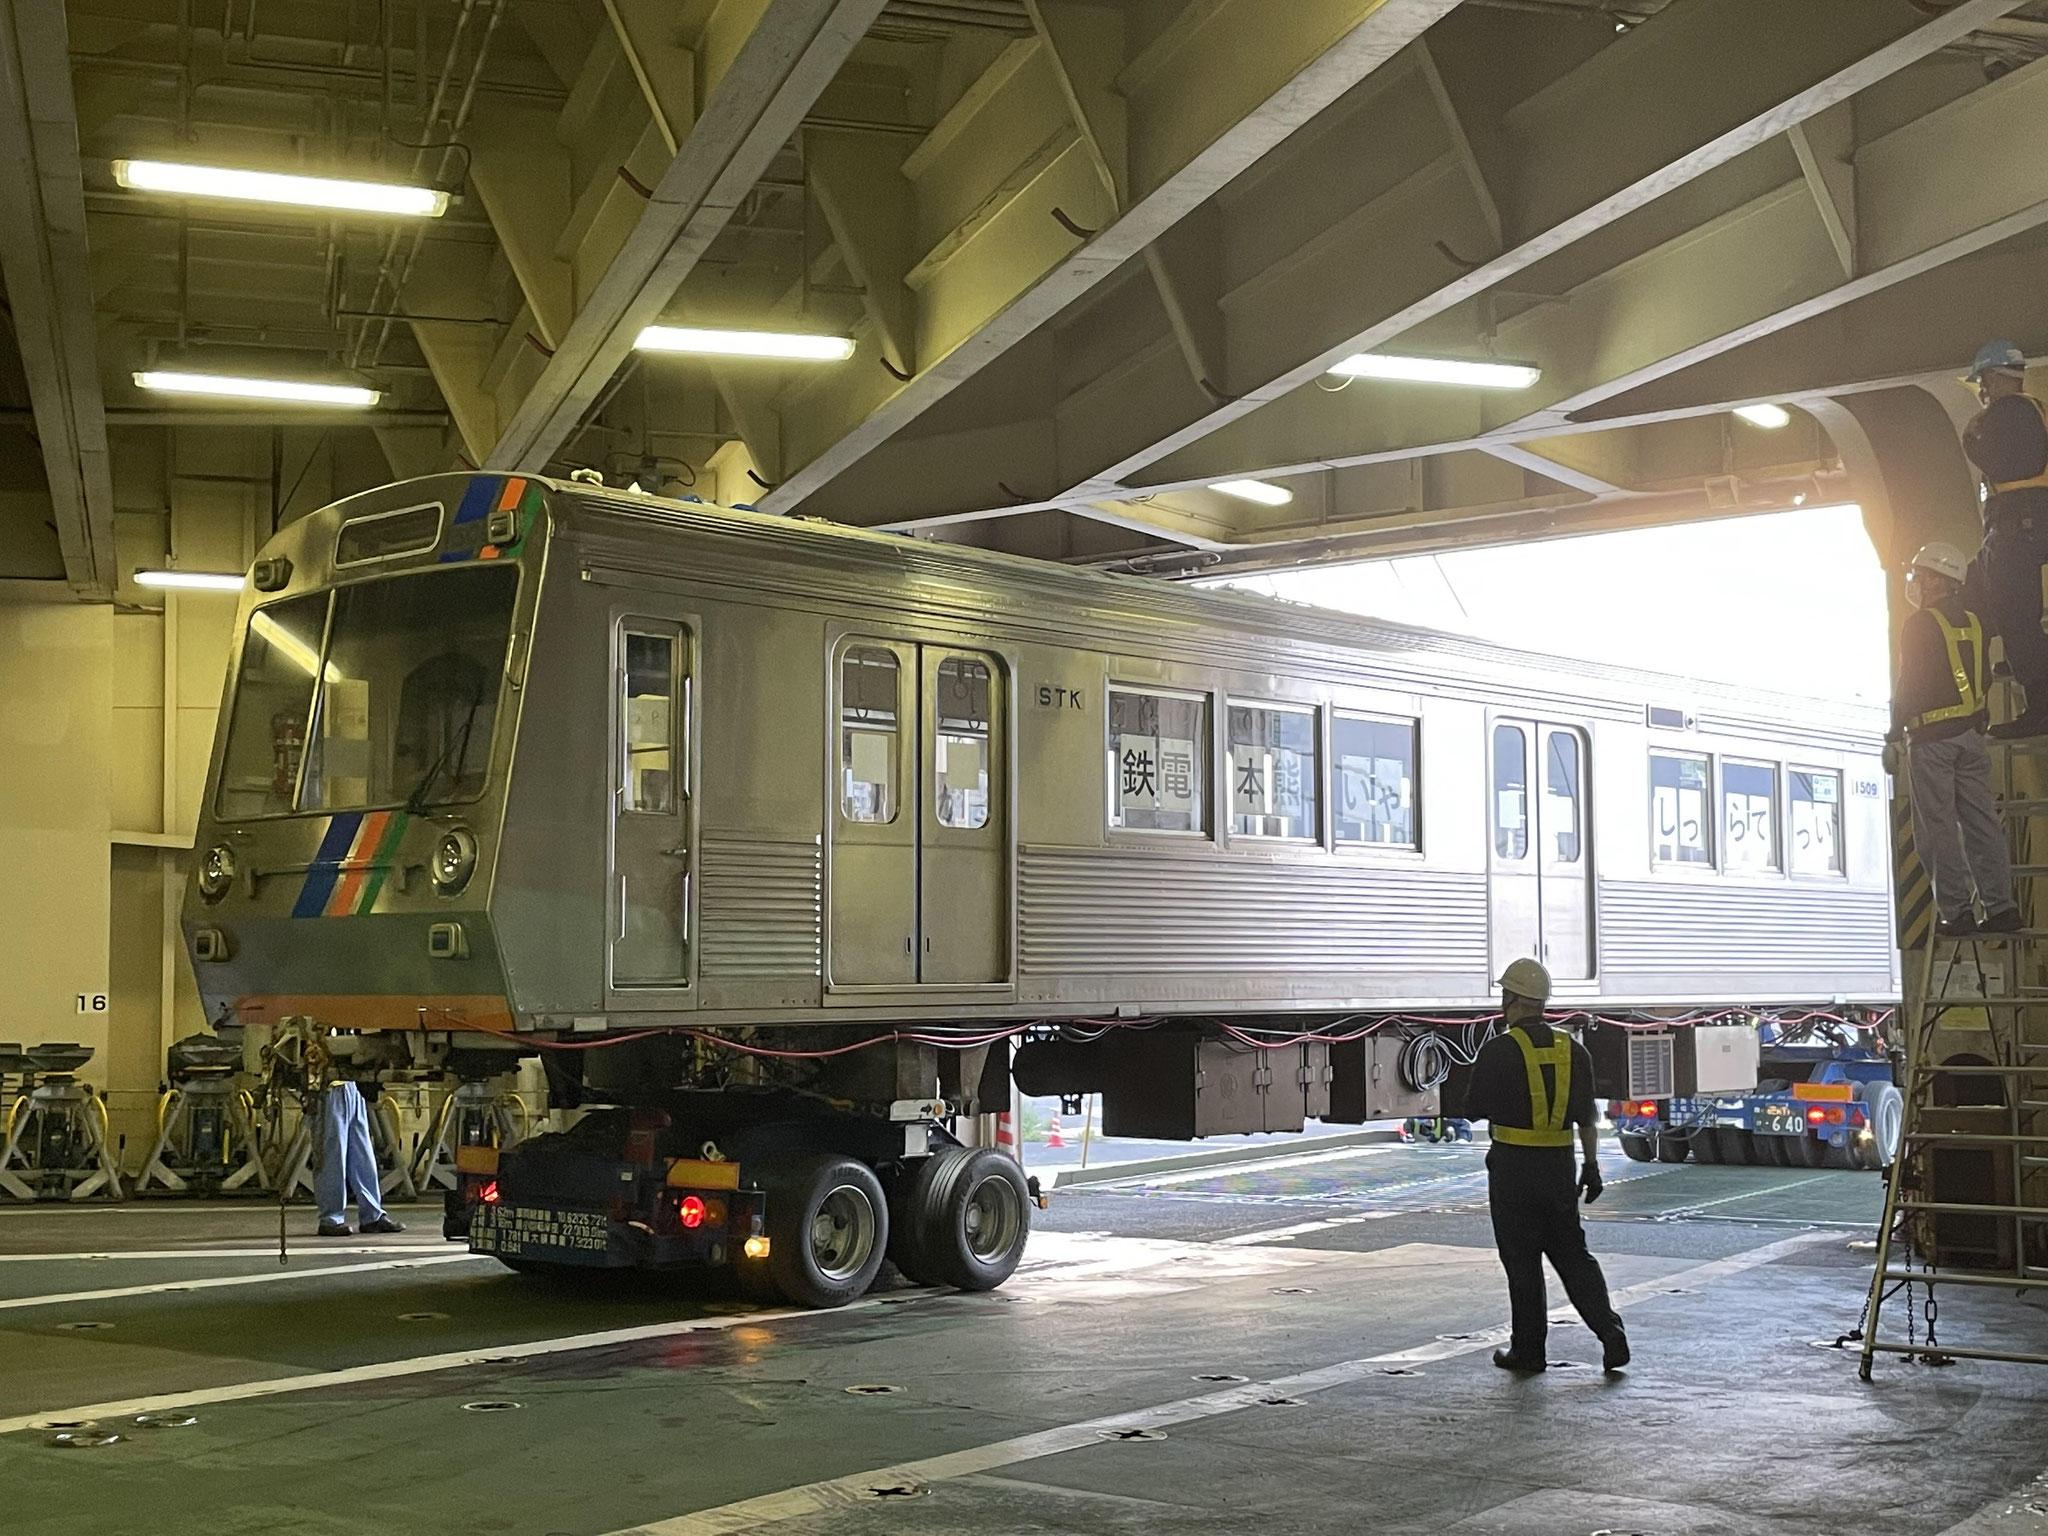 船内をトレーラーで電車を引っ張るのはスキルが必要です。